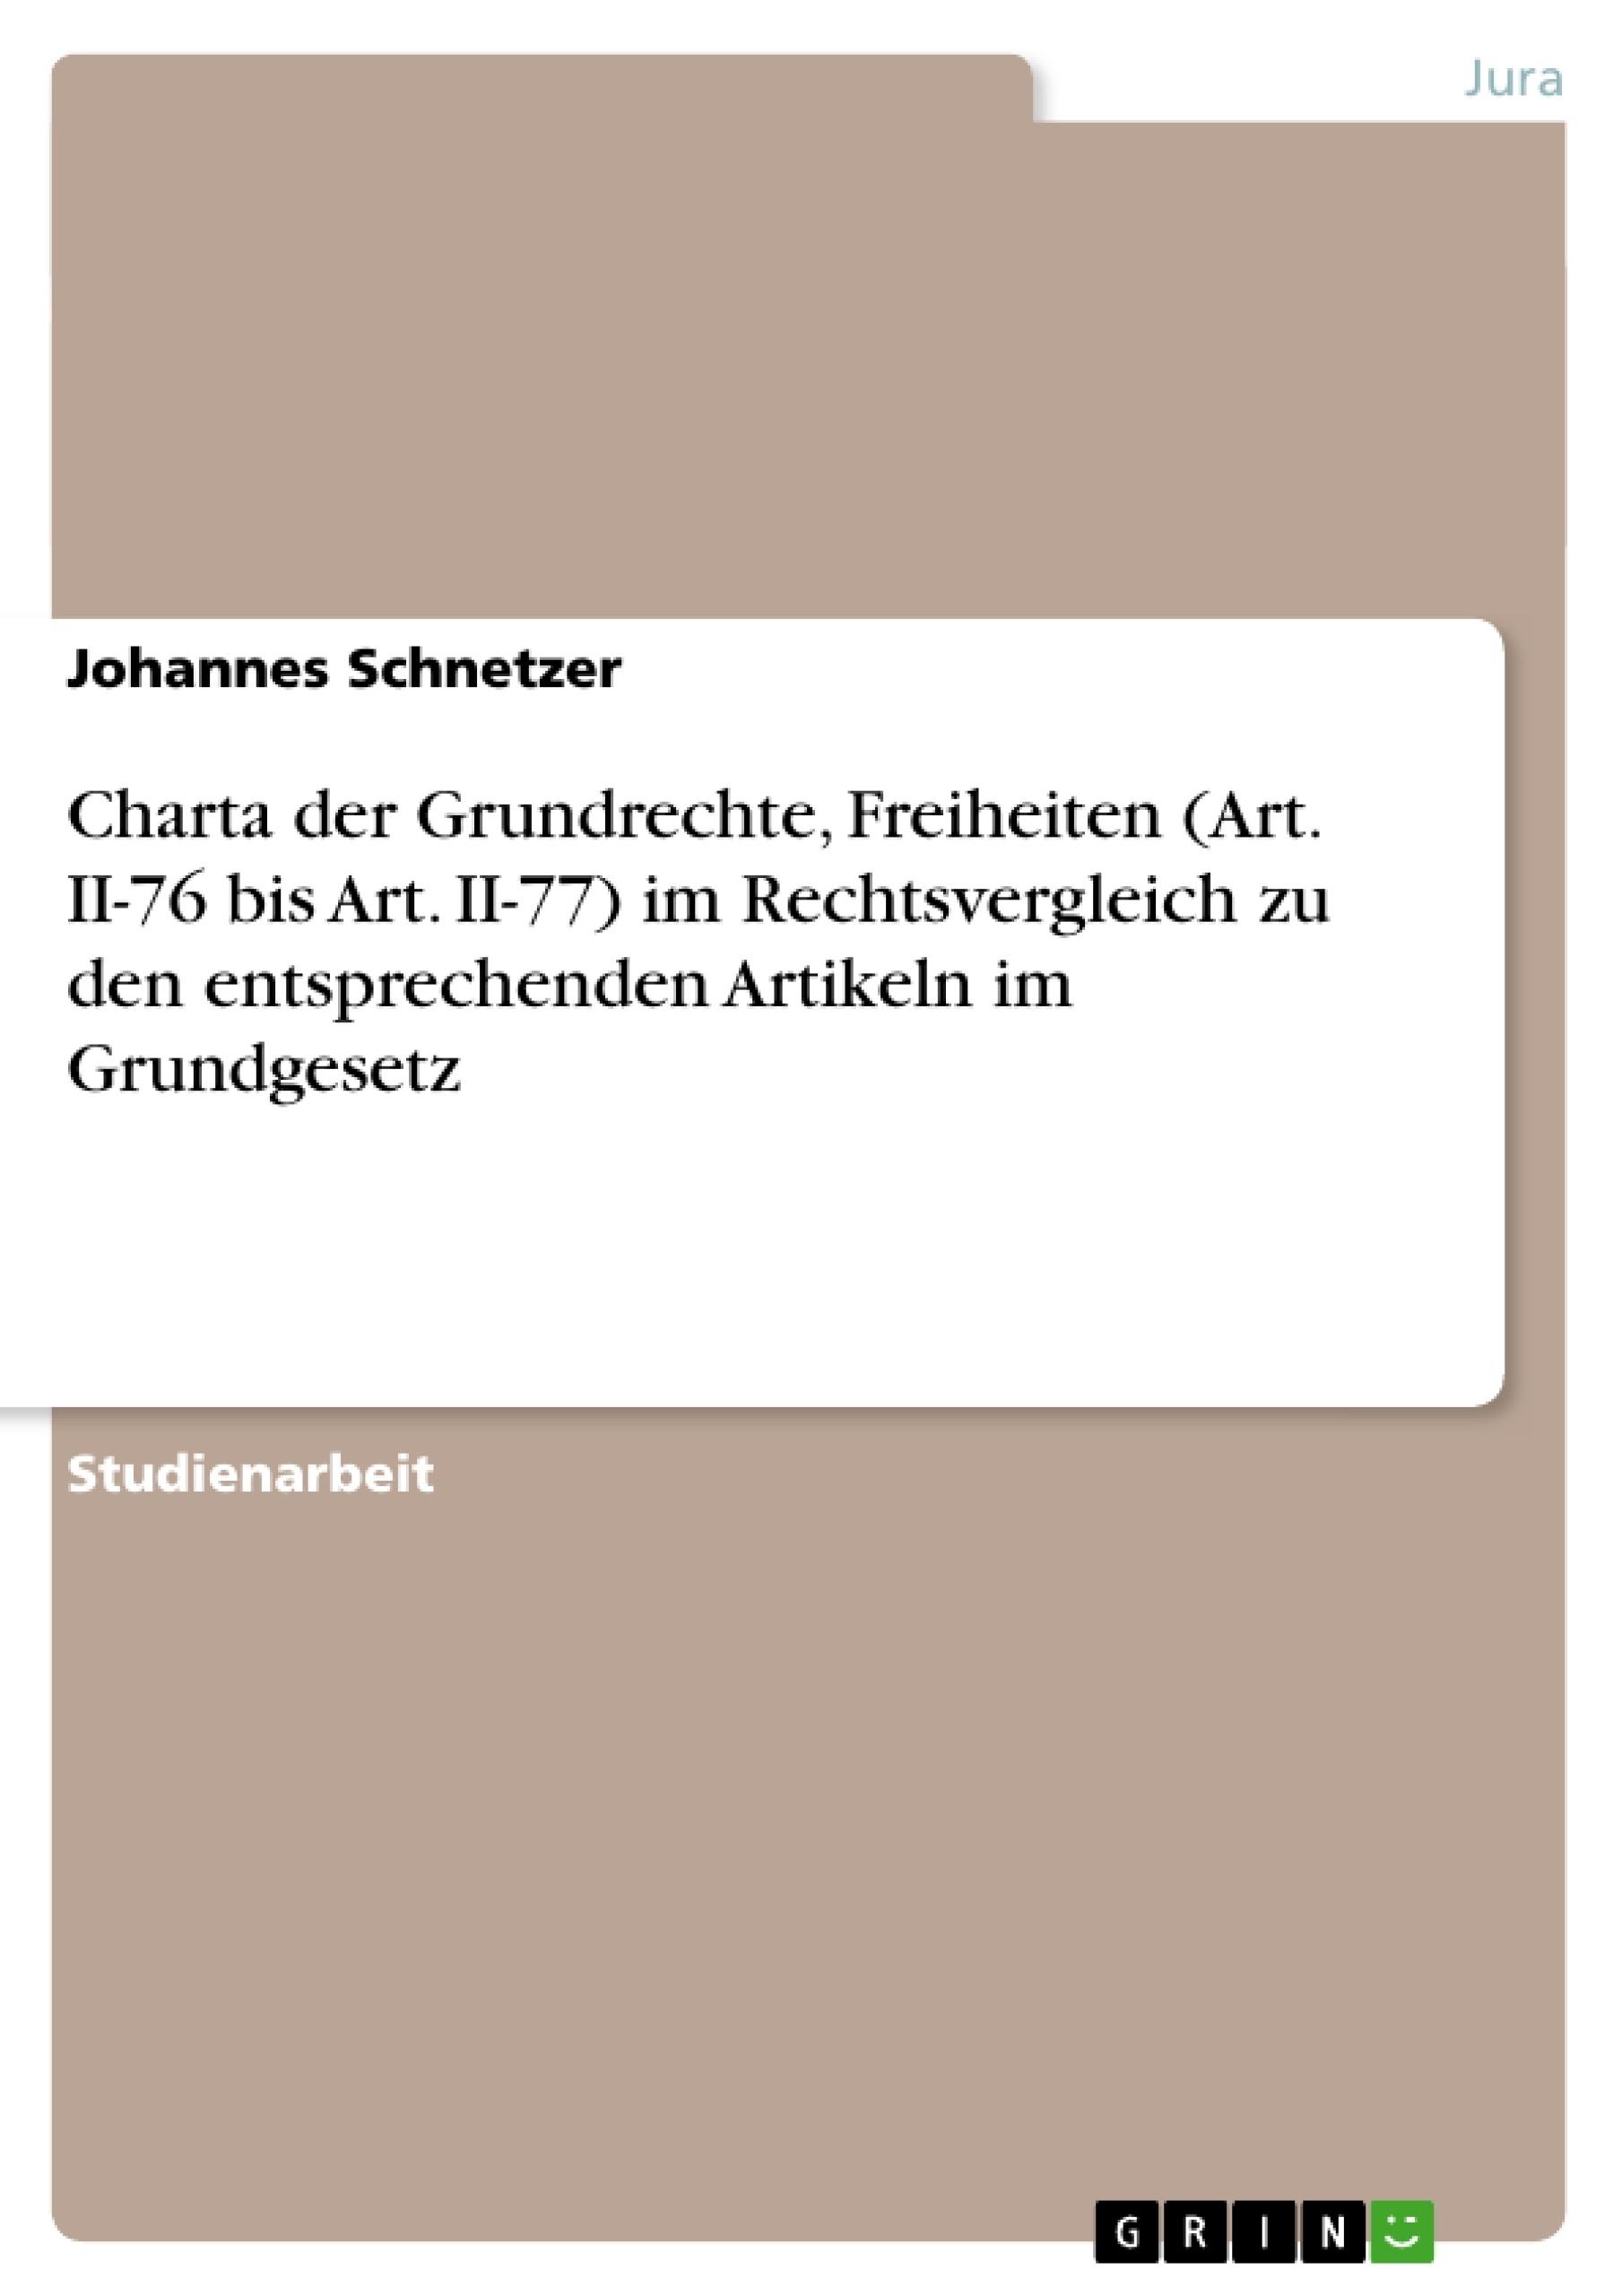 Titel: Charta der Grundrechte, Freiheiten (Art. II-76 bis Art. II-77) im Rechtsvergleich zu den entsprechenden Artikeln im Grundgesetz